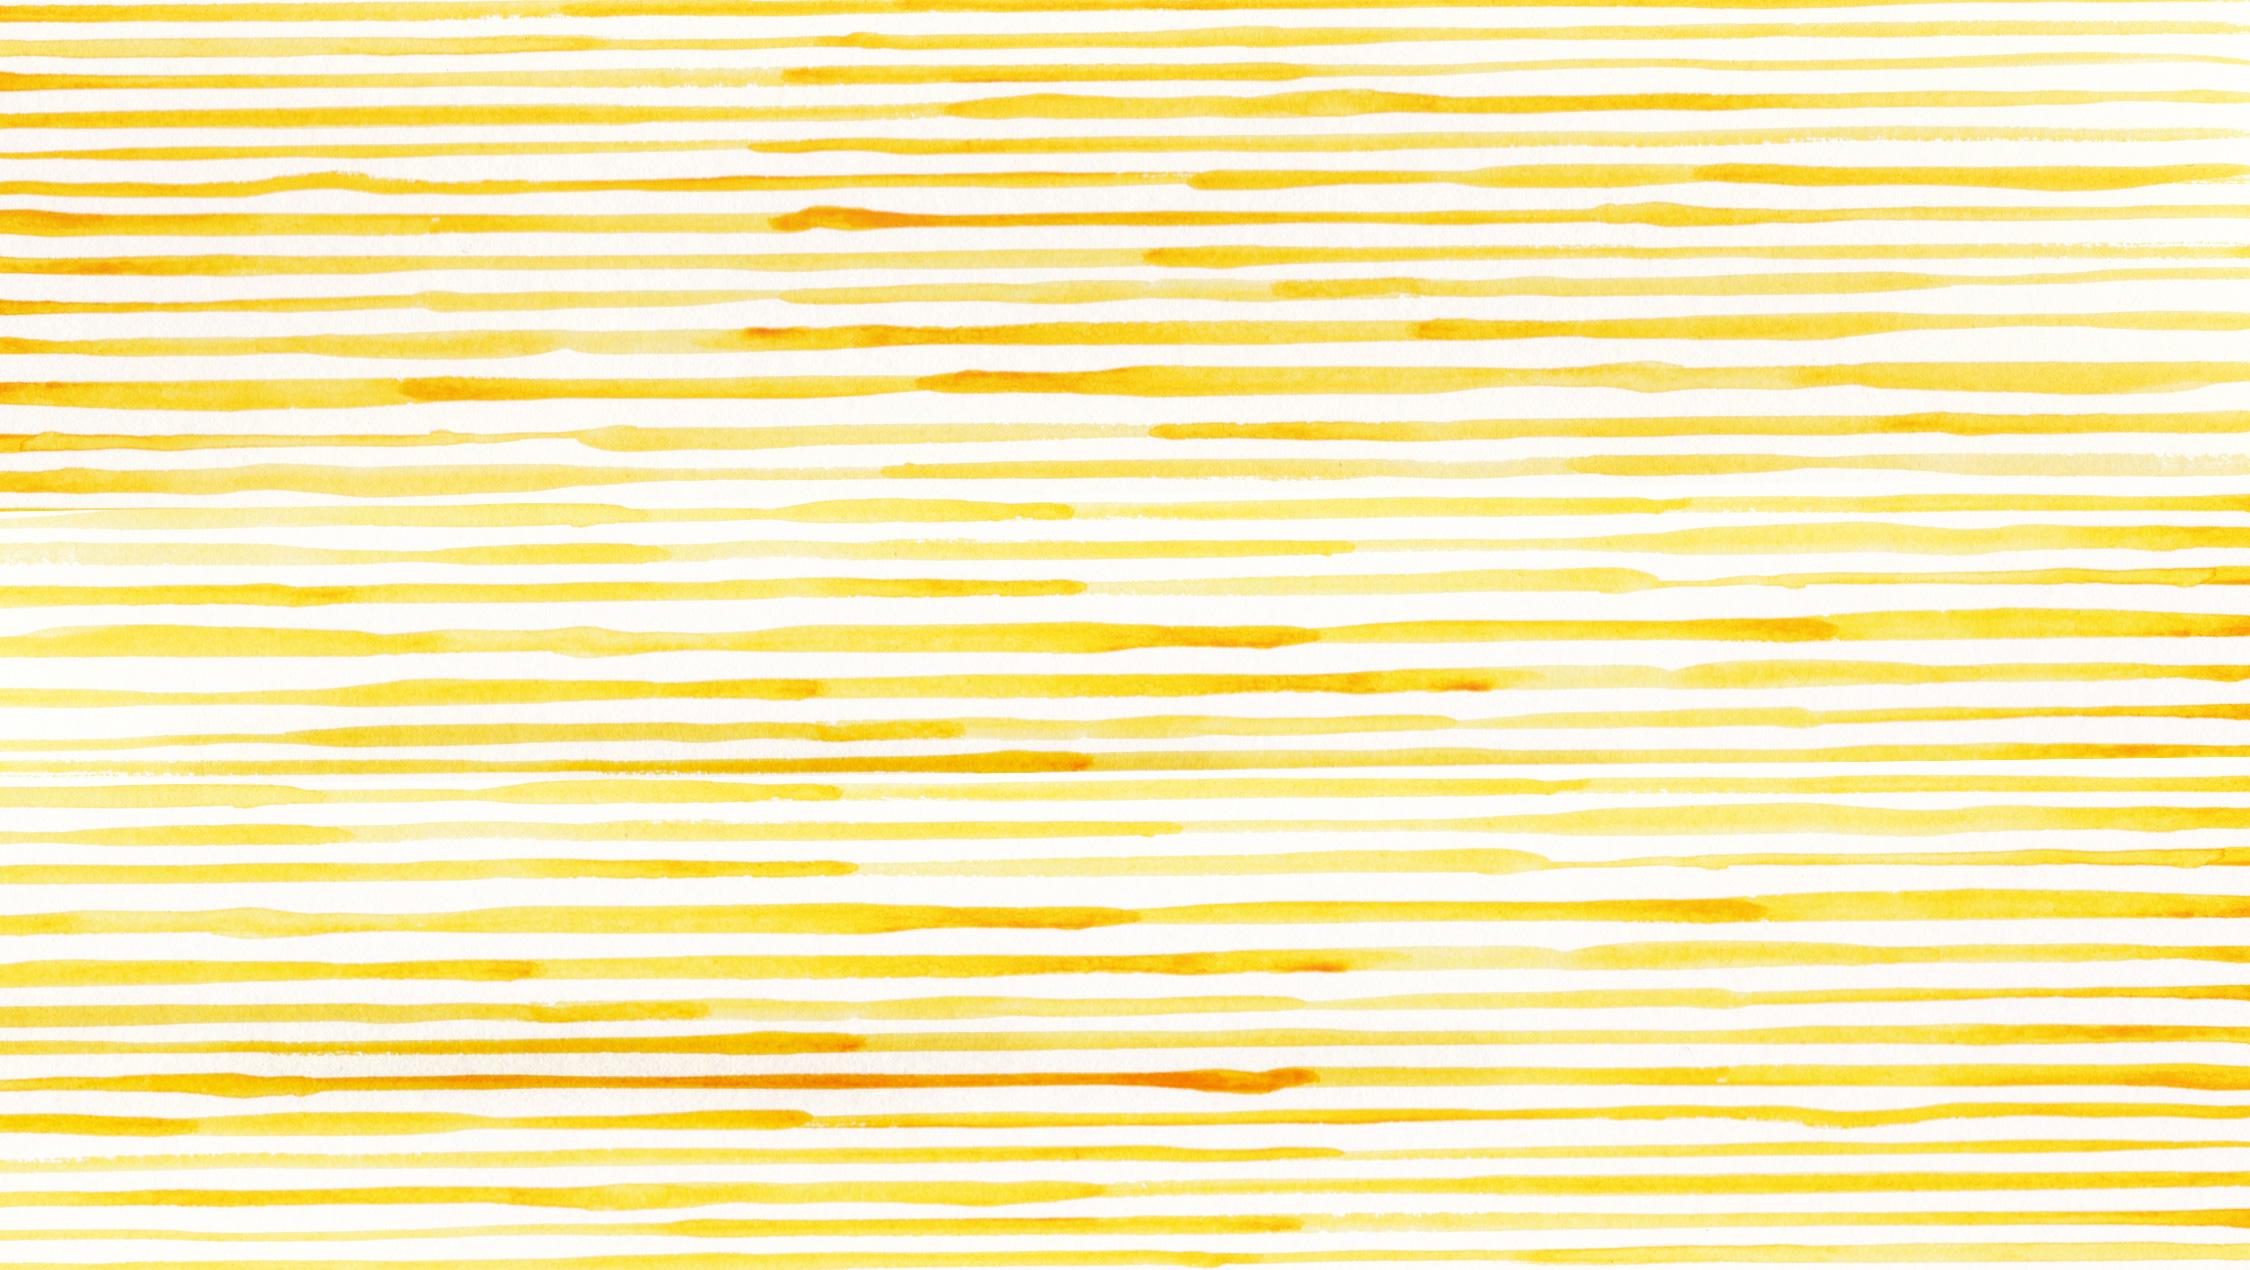 YellowStripePattern.jpg